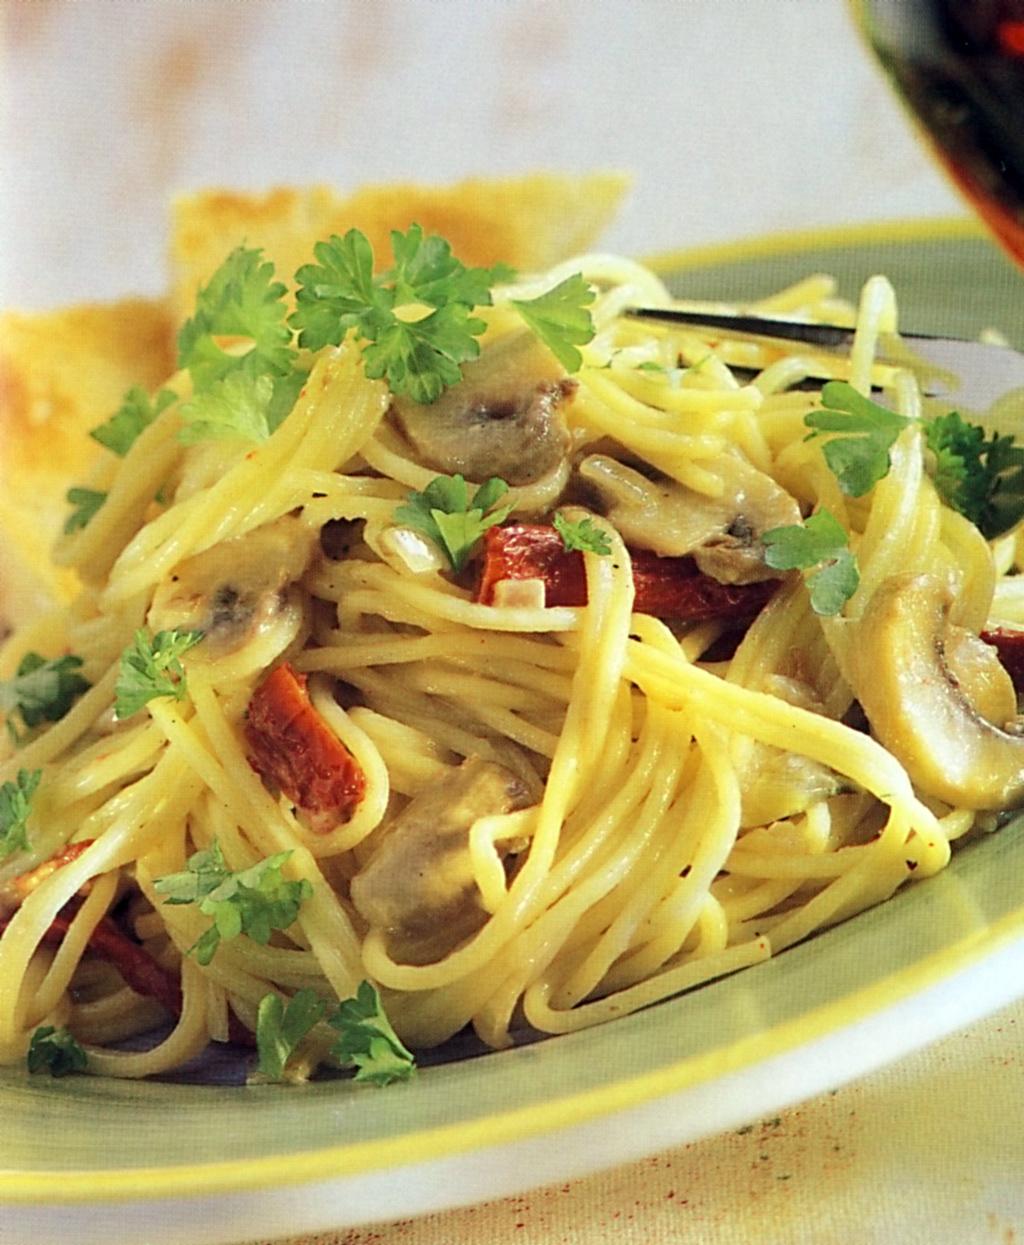 Fotografie receptu: Špagety se žampiony na víně